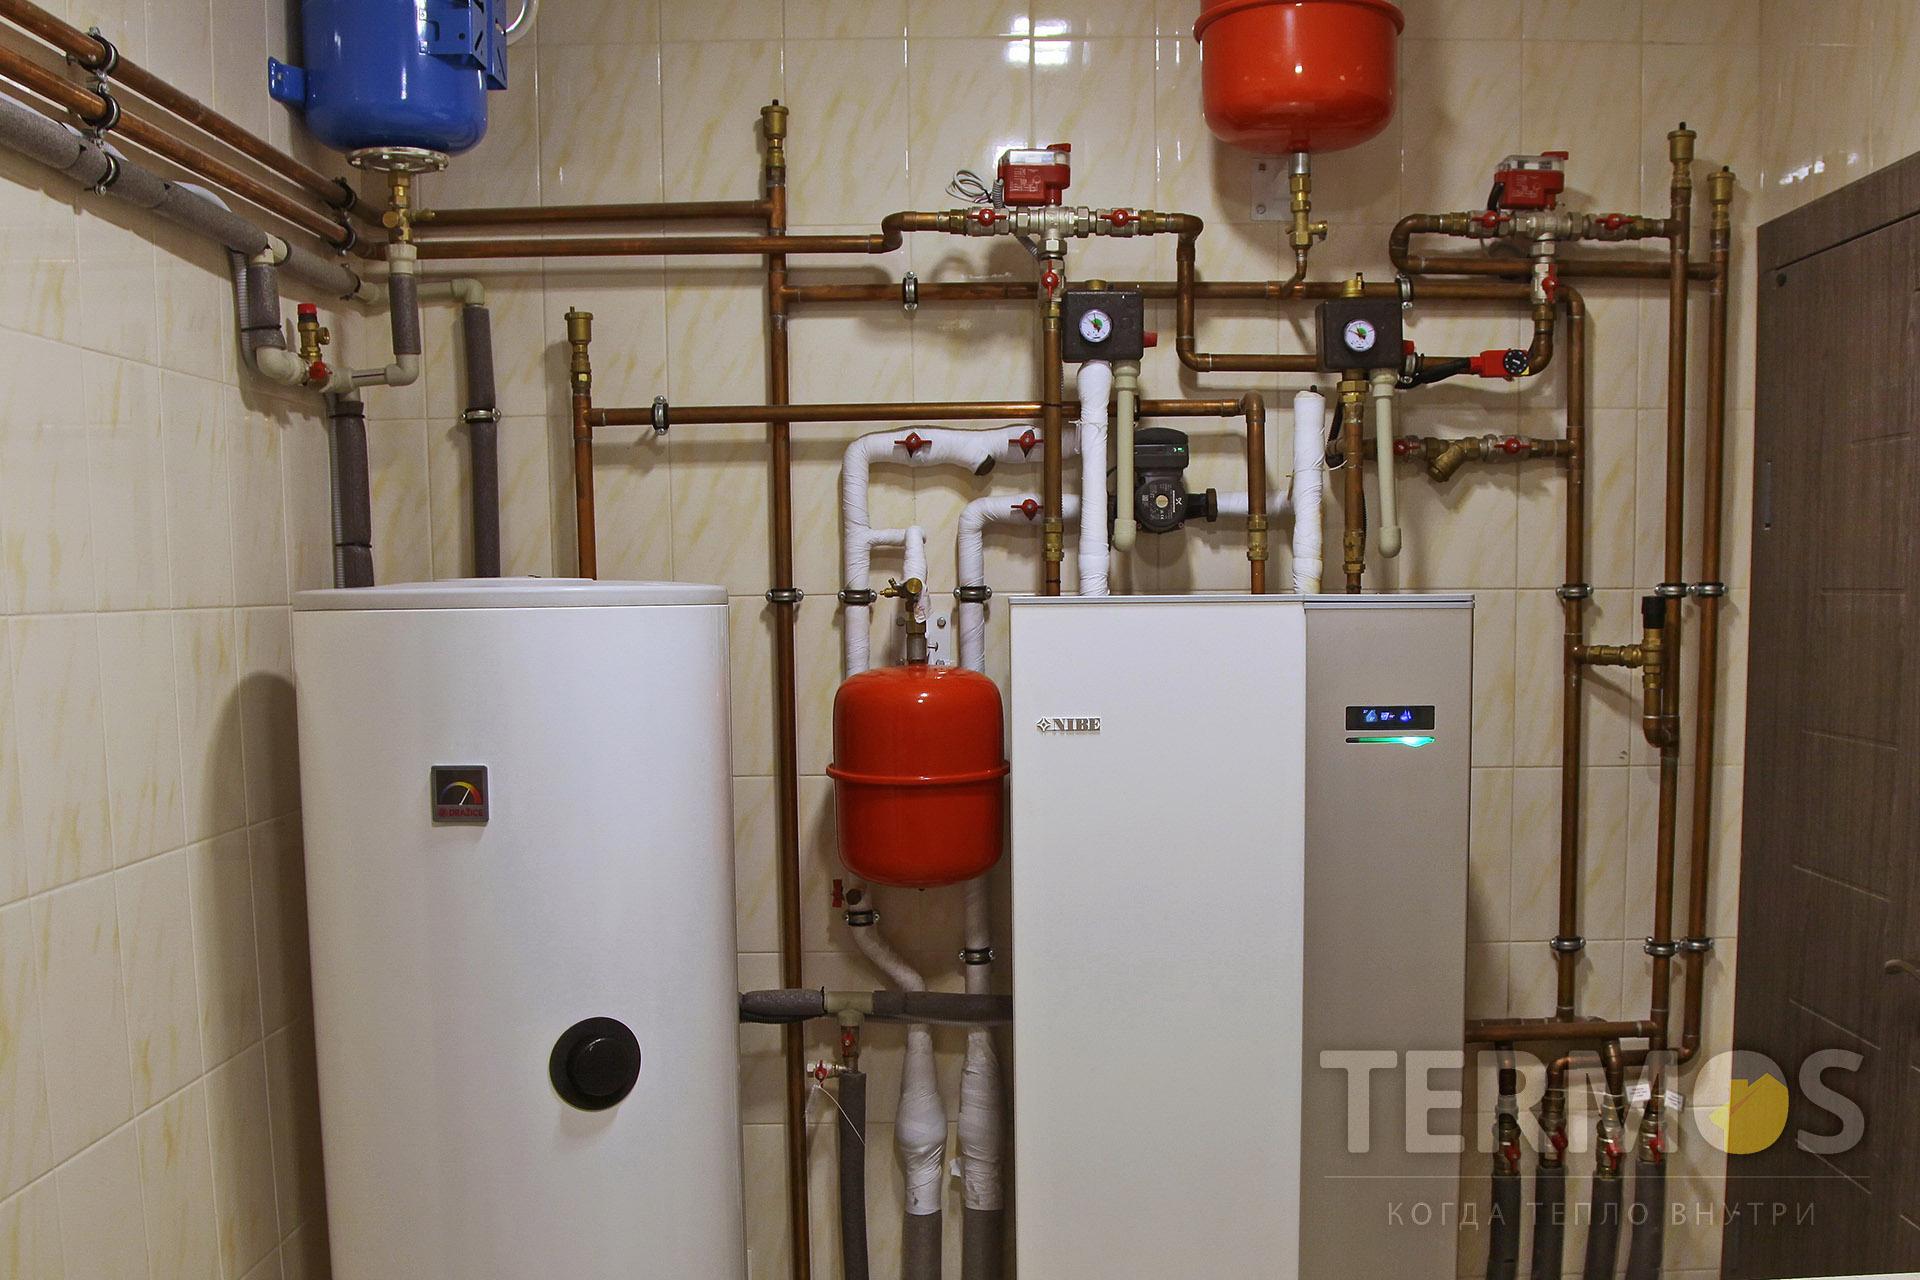 2017 год,  Святопетровское. Дом 200 кв м. Экономичная система отопления, на геотермальном тепловом насосе NIBE (Швеция) 10 кВт, с 3 геотермальными скважинами по 75 м.